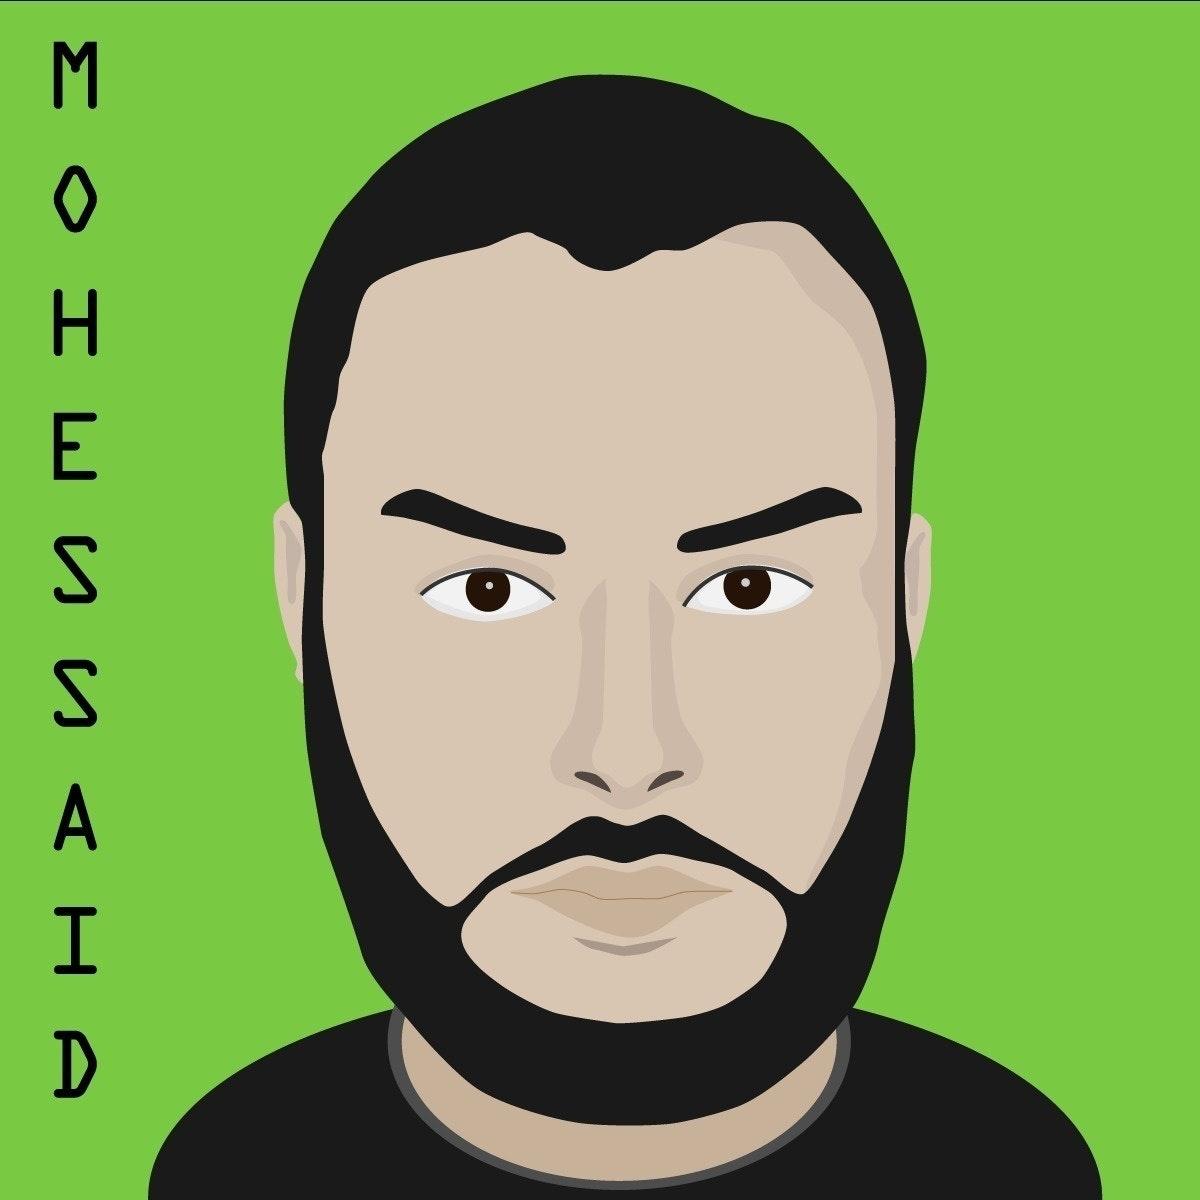 Mohammed Essaid MEZERREG